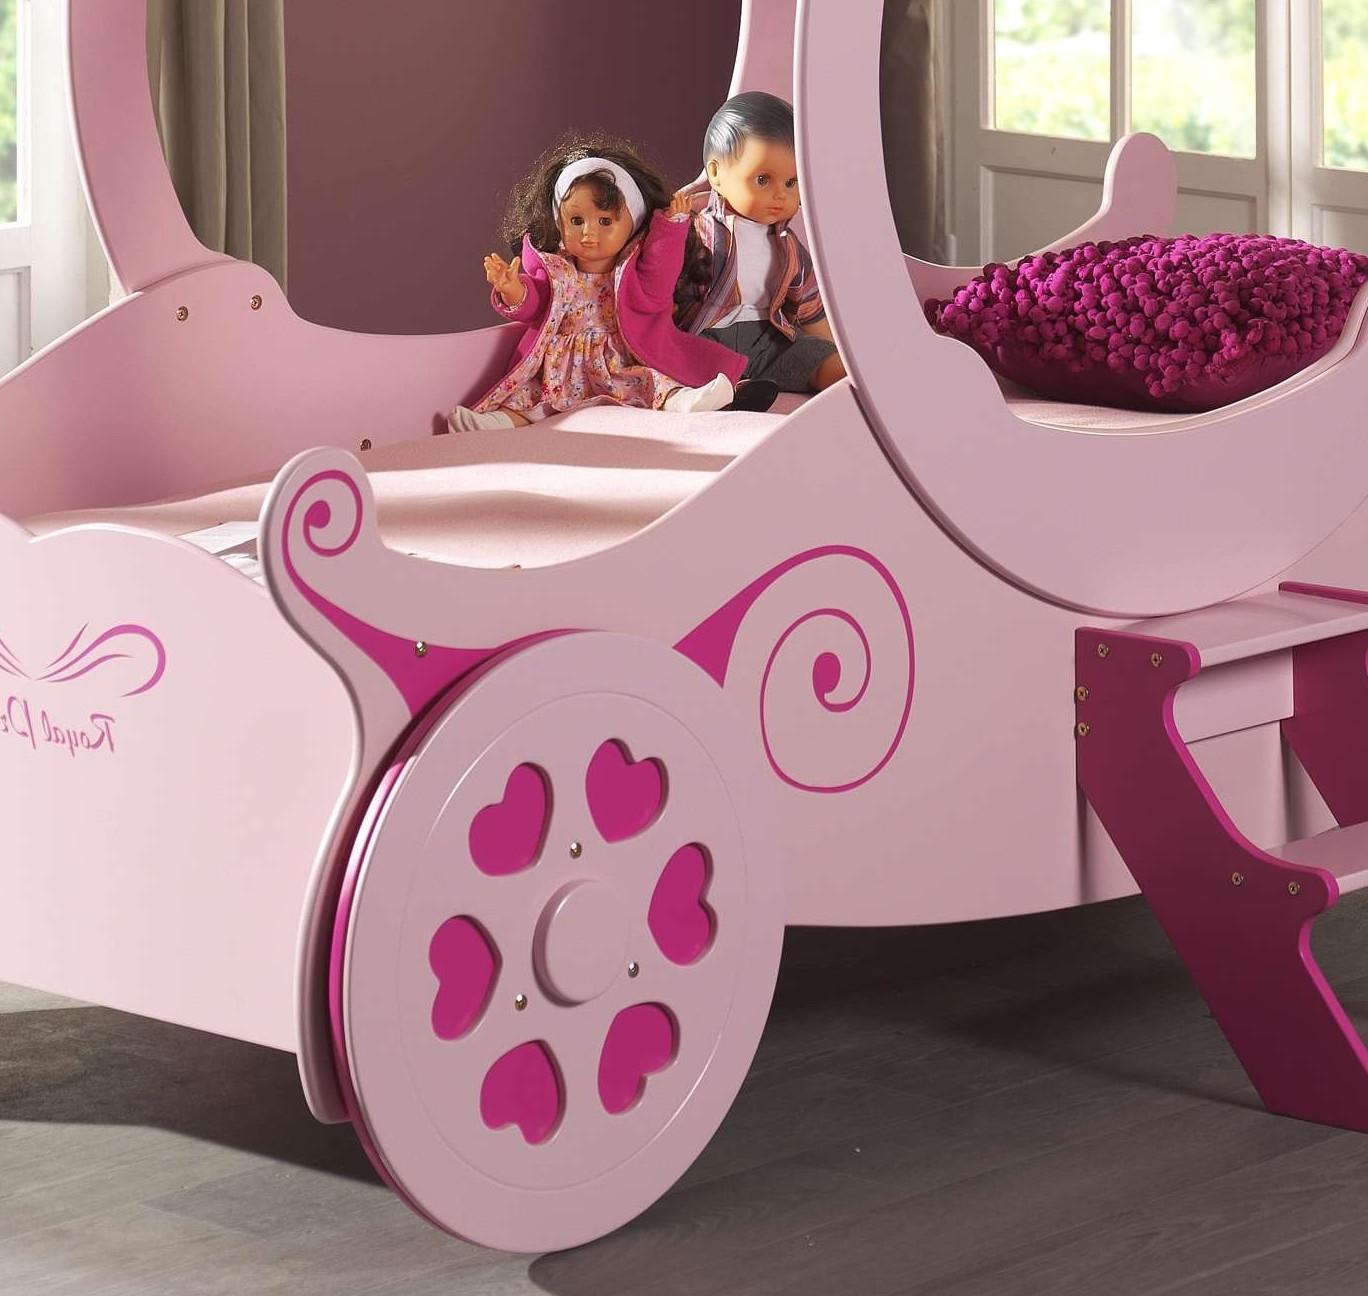 neu kutschenbett royal princess kinderbett m dchenbett. Black Bedroom Furniture Sets. Home Design Ideas